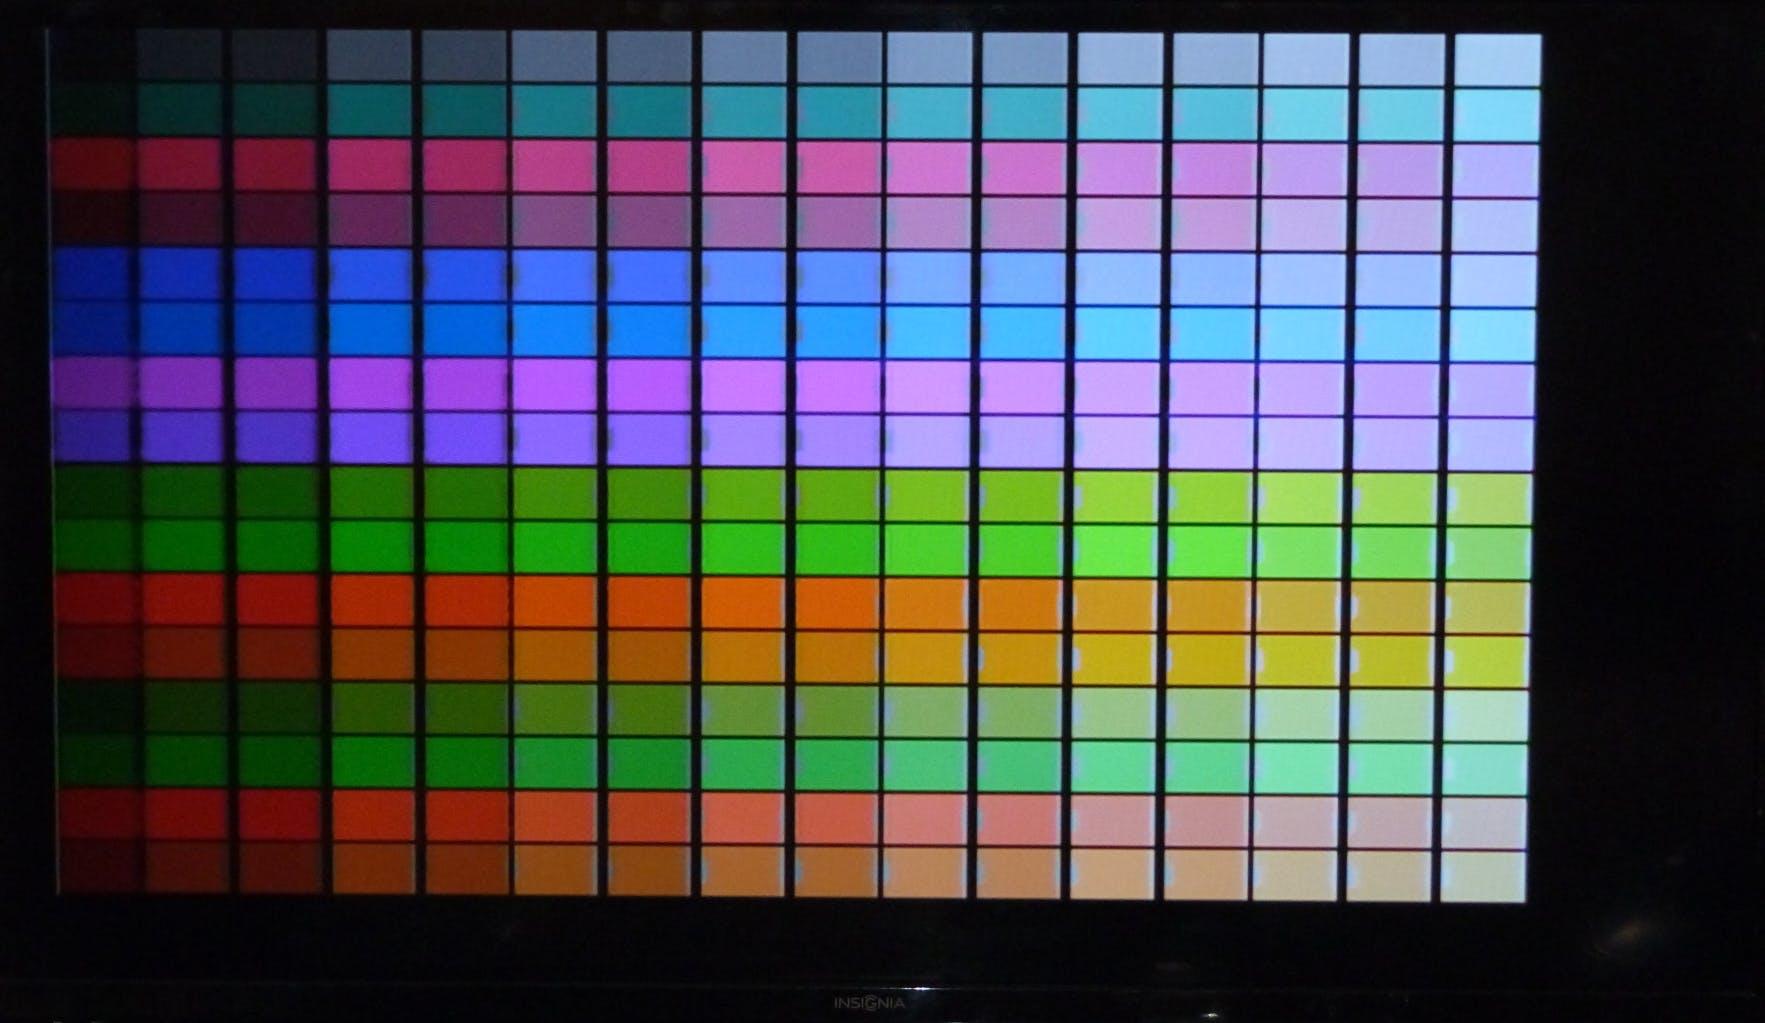 PAL 8bit Colour Palette